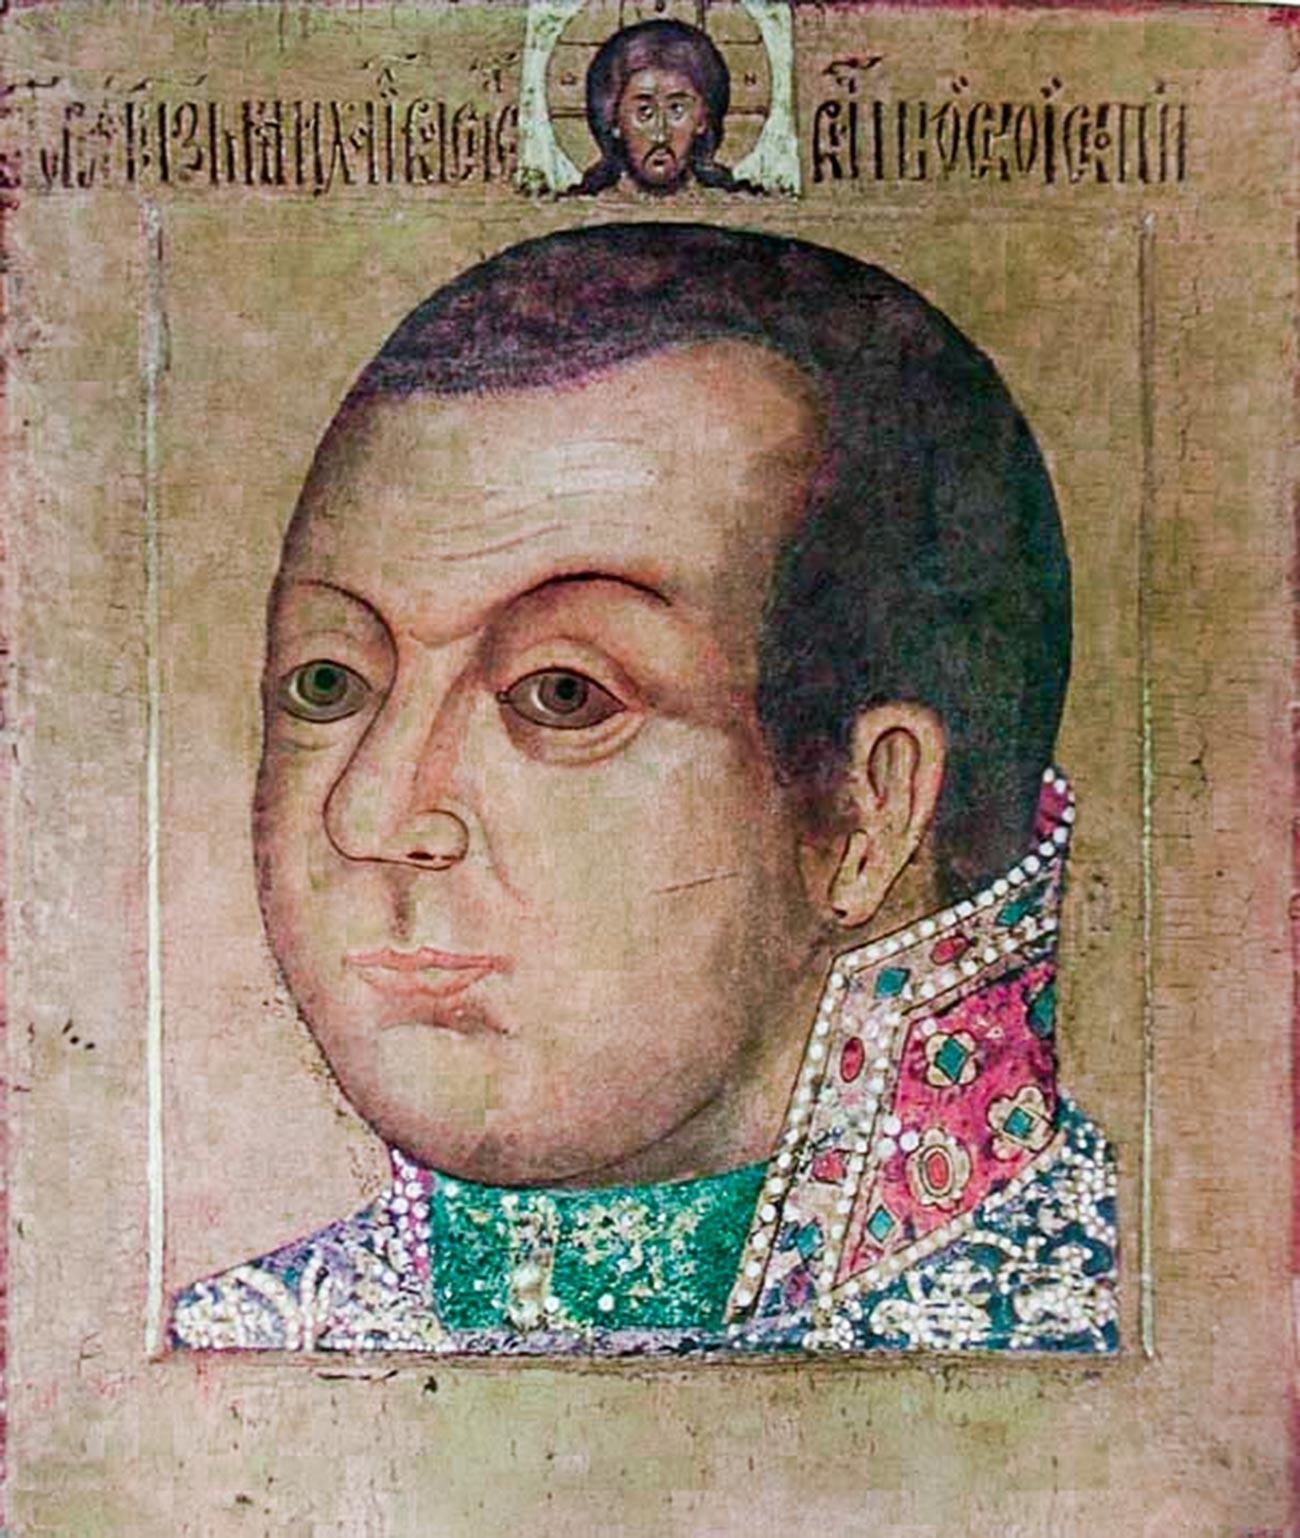 Кнезот Михаил Василевич Скопин-Шујски